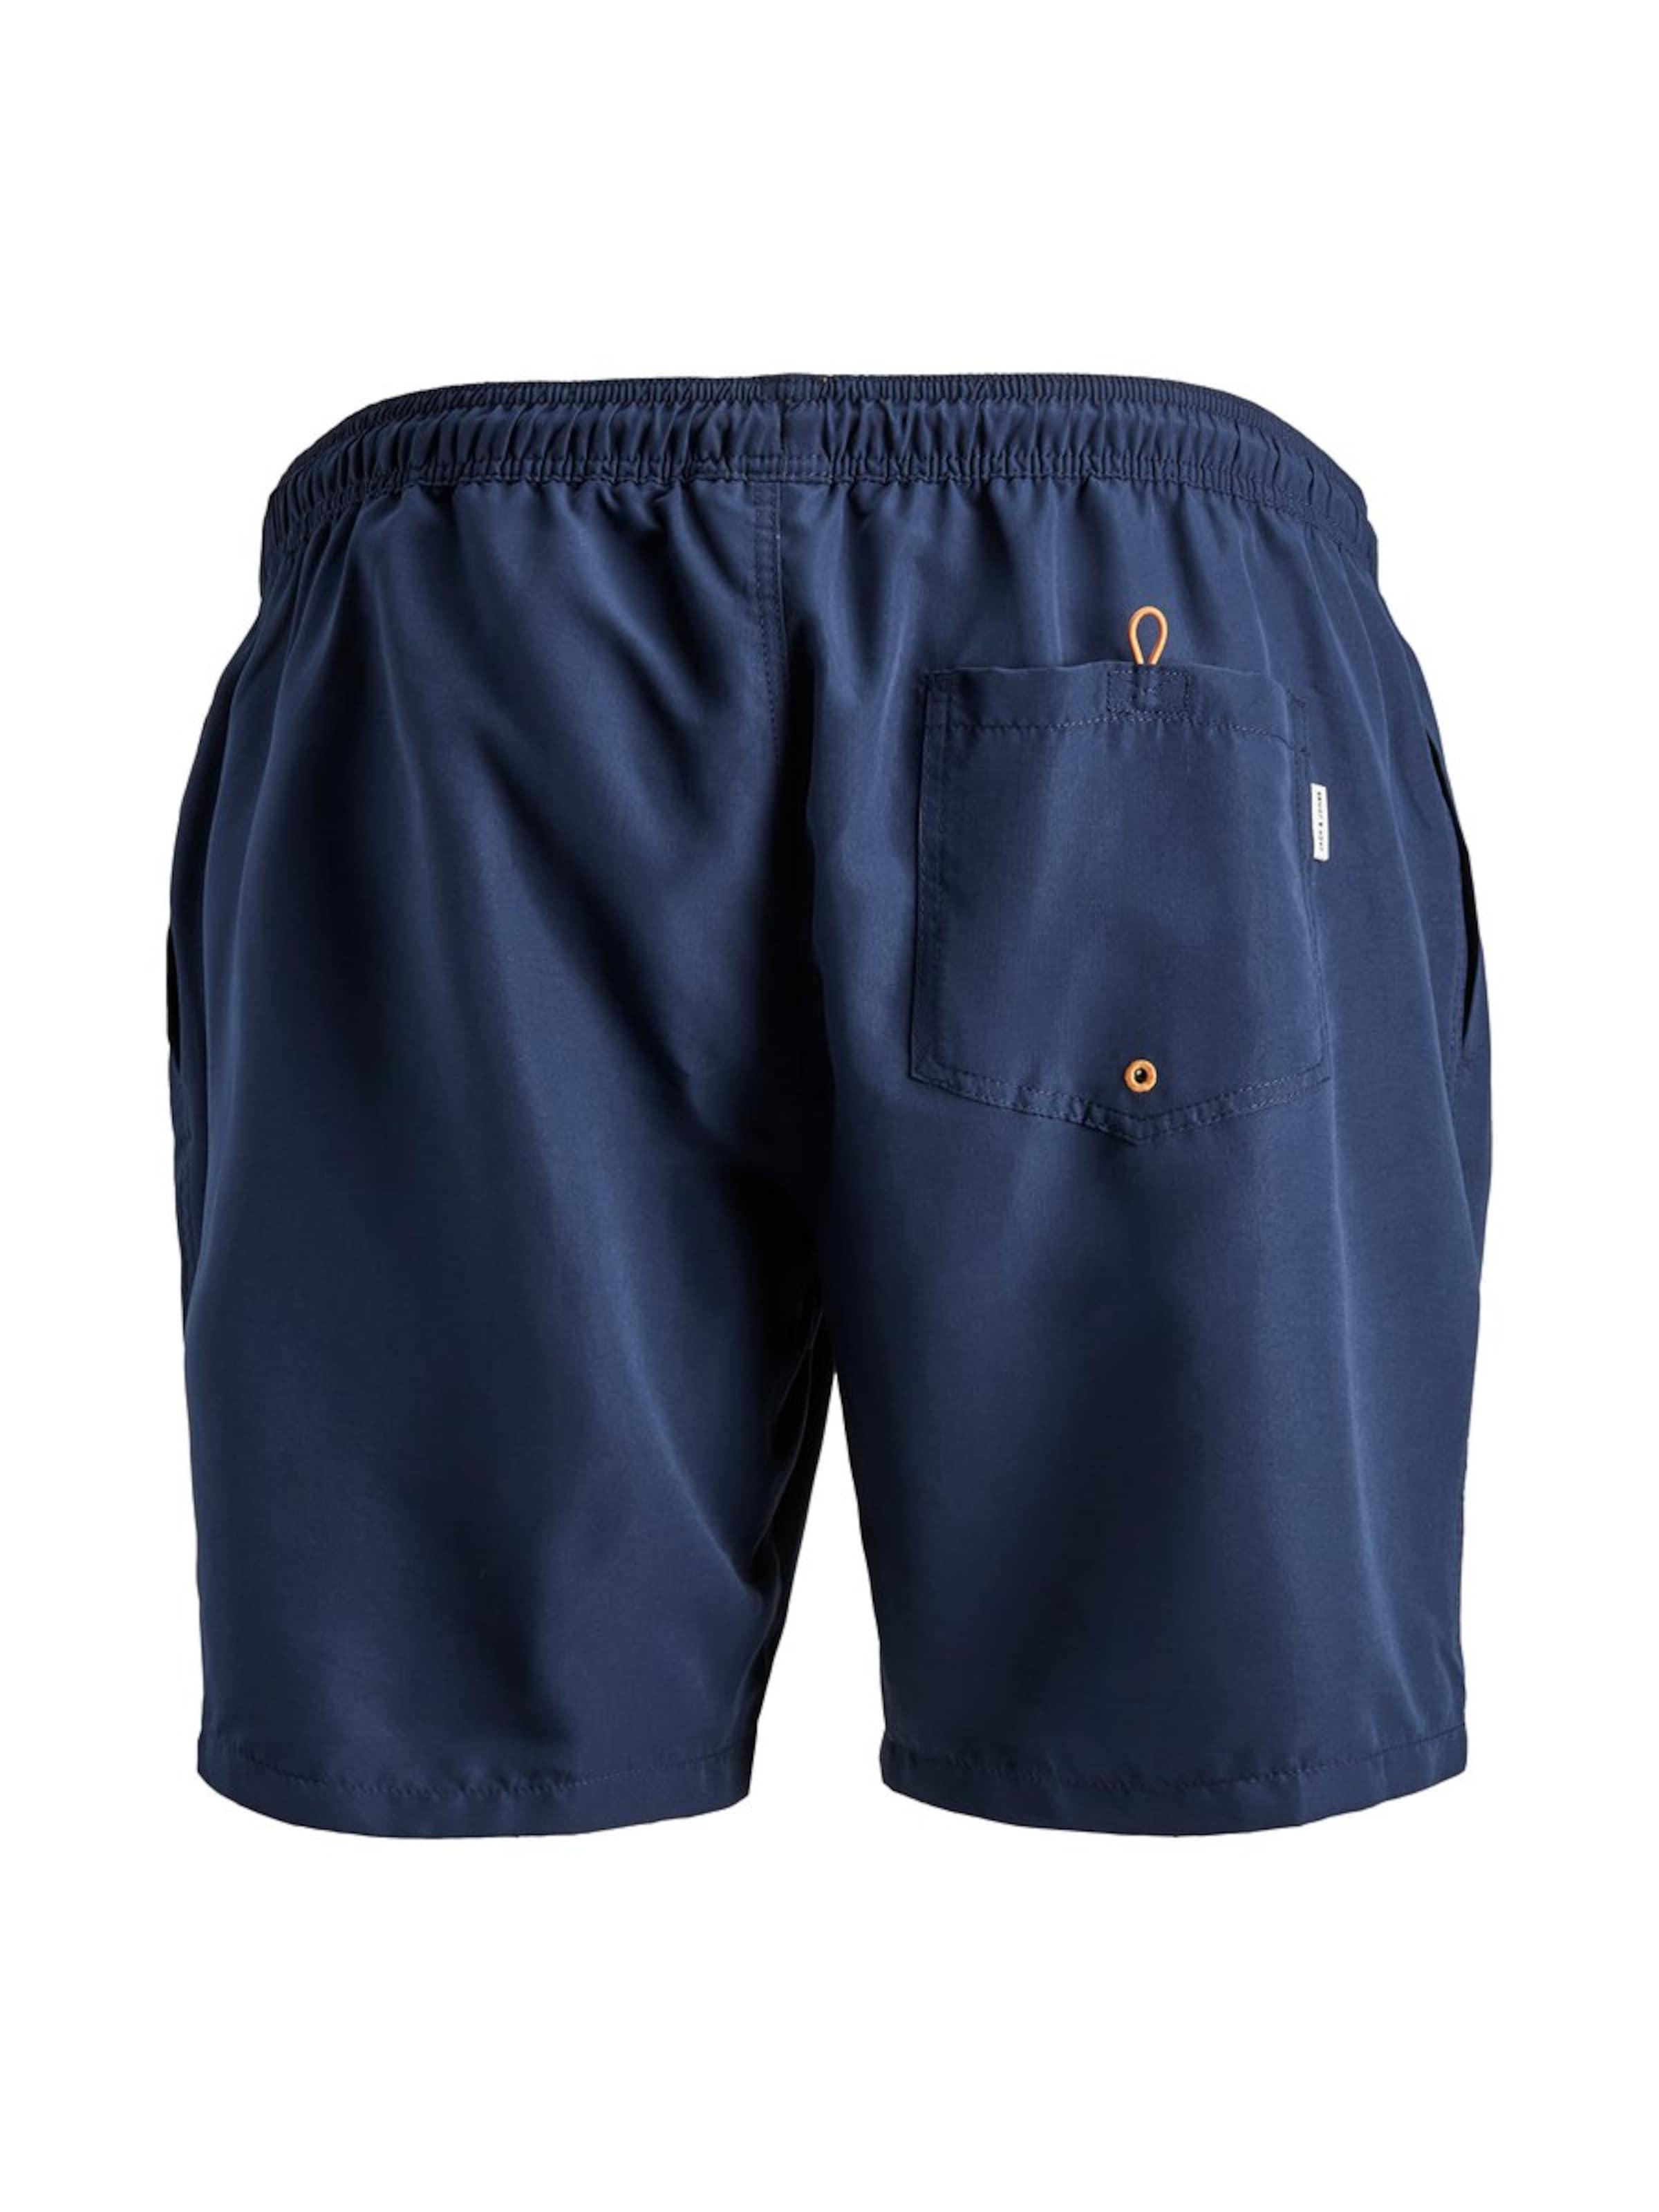 Olive Shorts Bain Jackamp; En De Jones Gfb7y6 4jL35AR